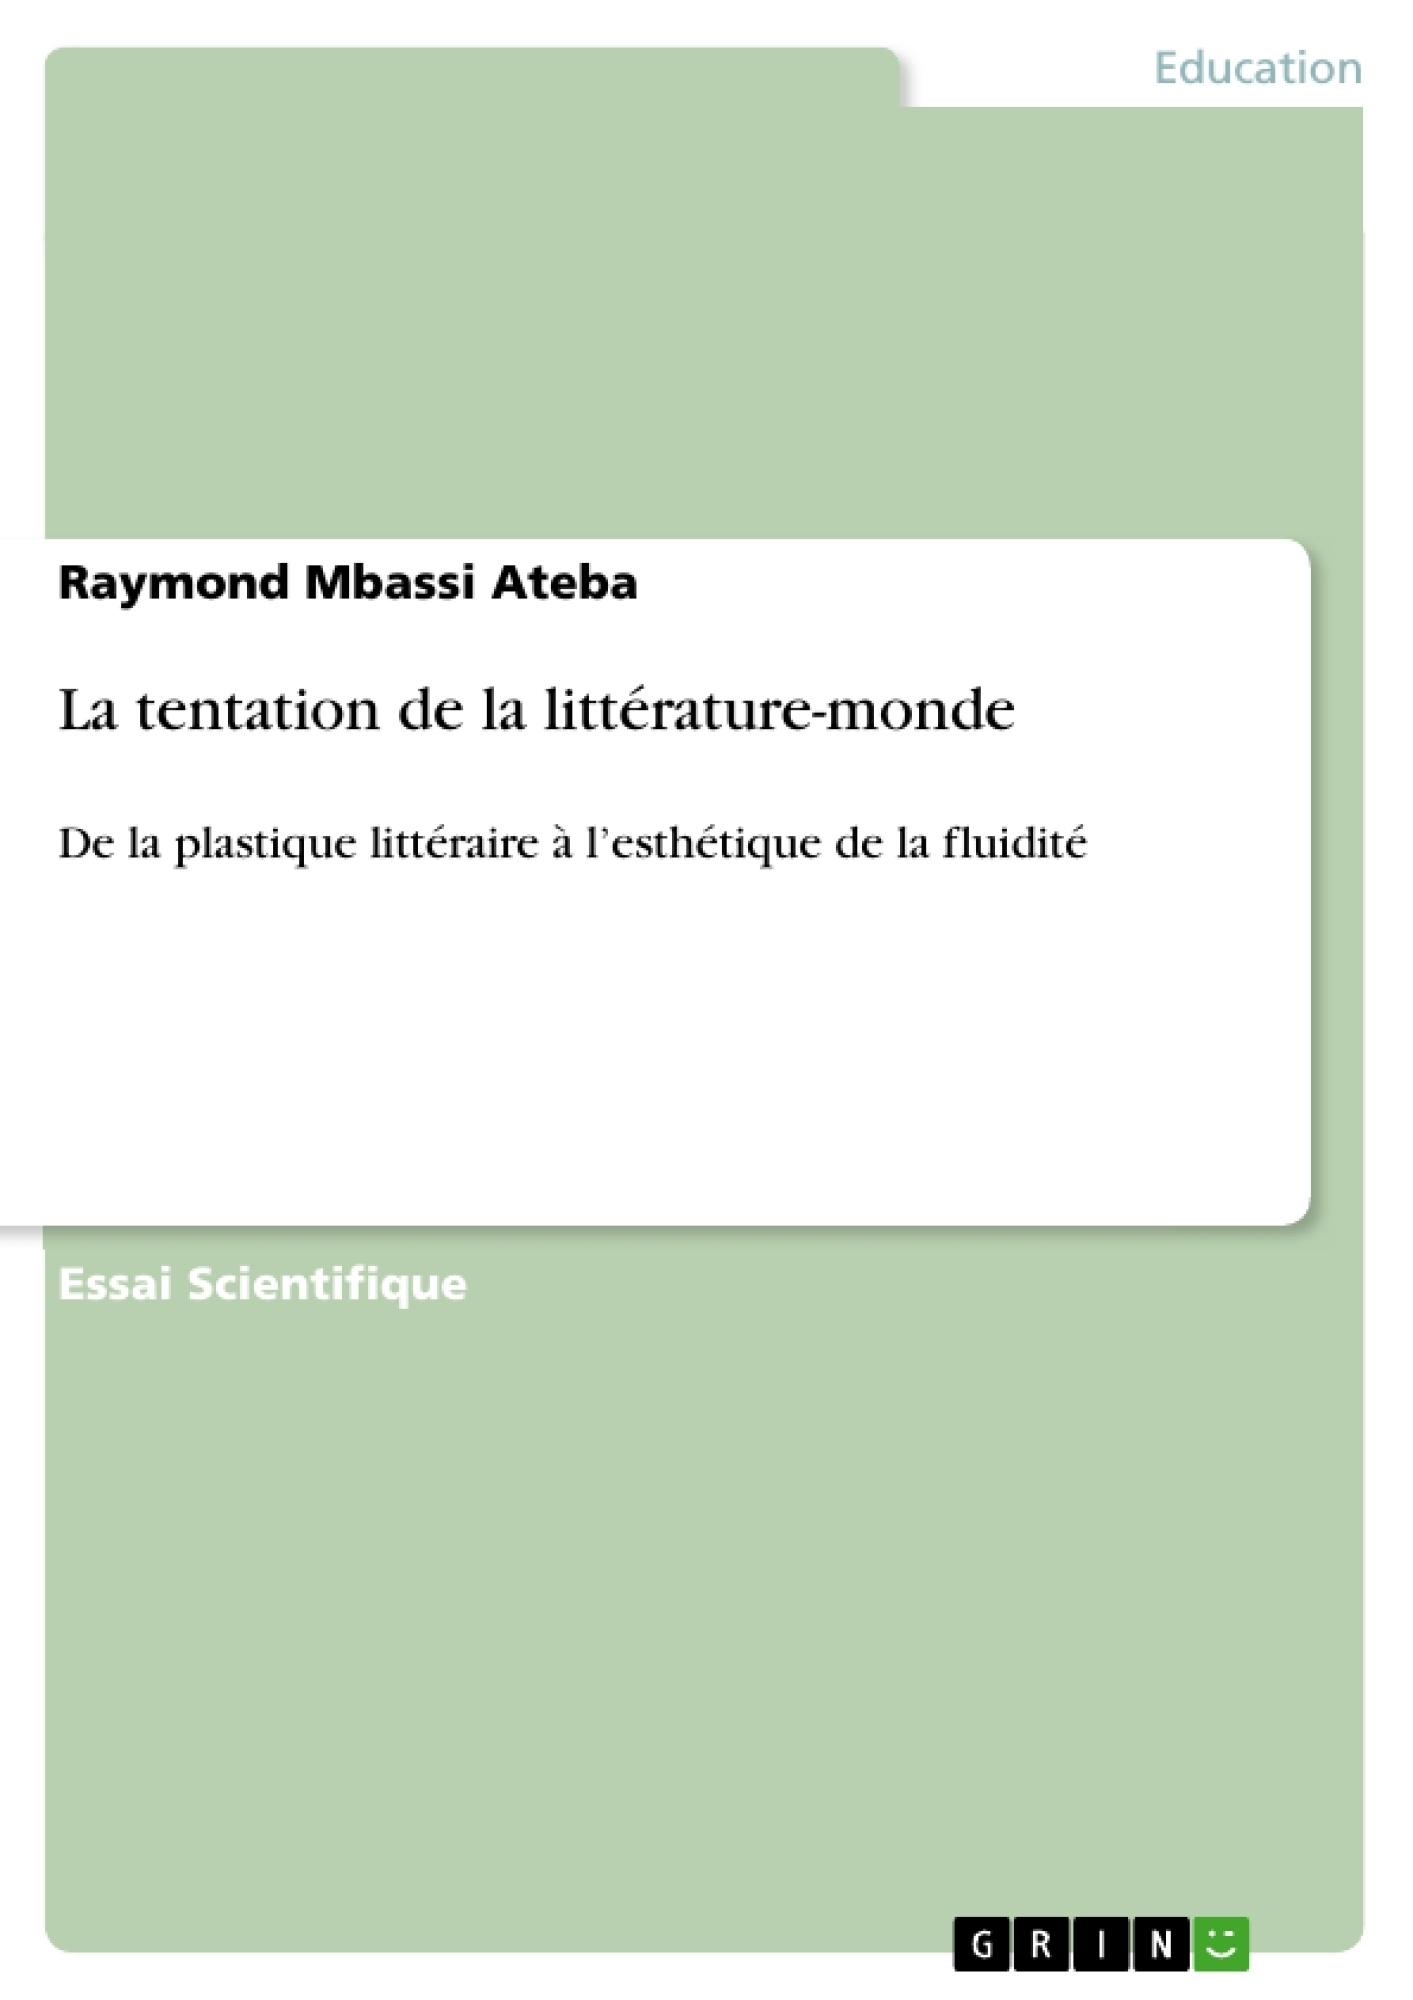 Titre: La tentation de la littérature-monde